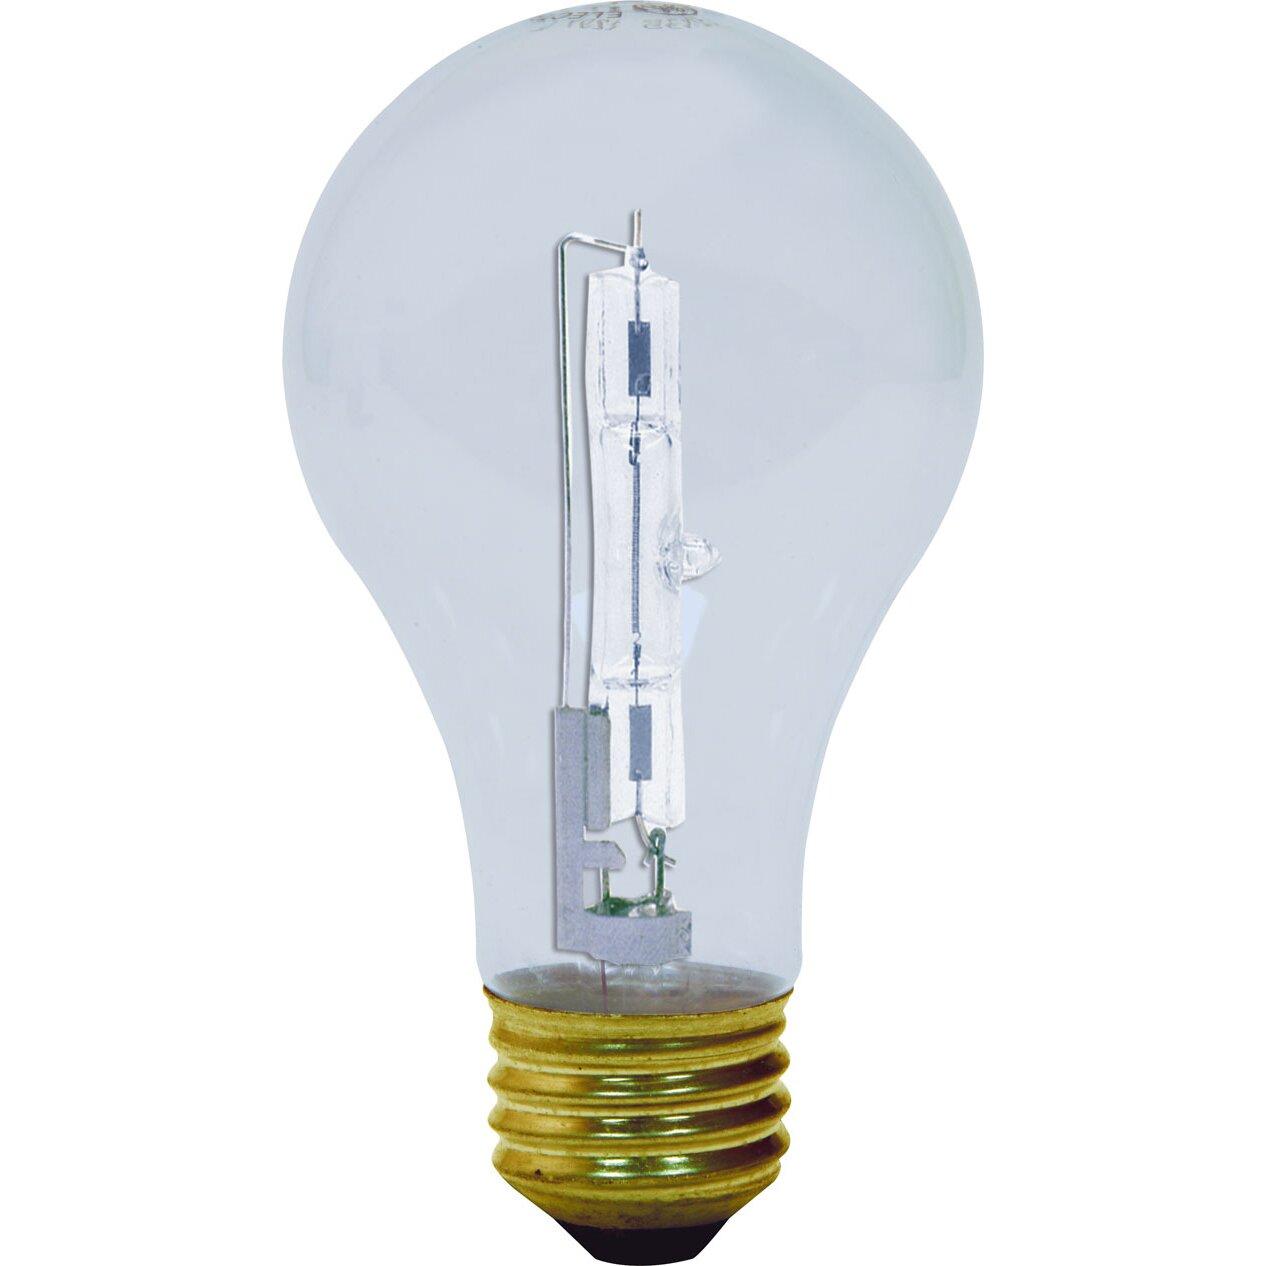 ge lighting 53w halogen light bulb reviews wayfair. Black Bedroom Furniture Sets. Home Design Ideas